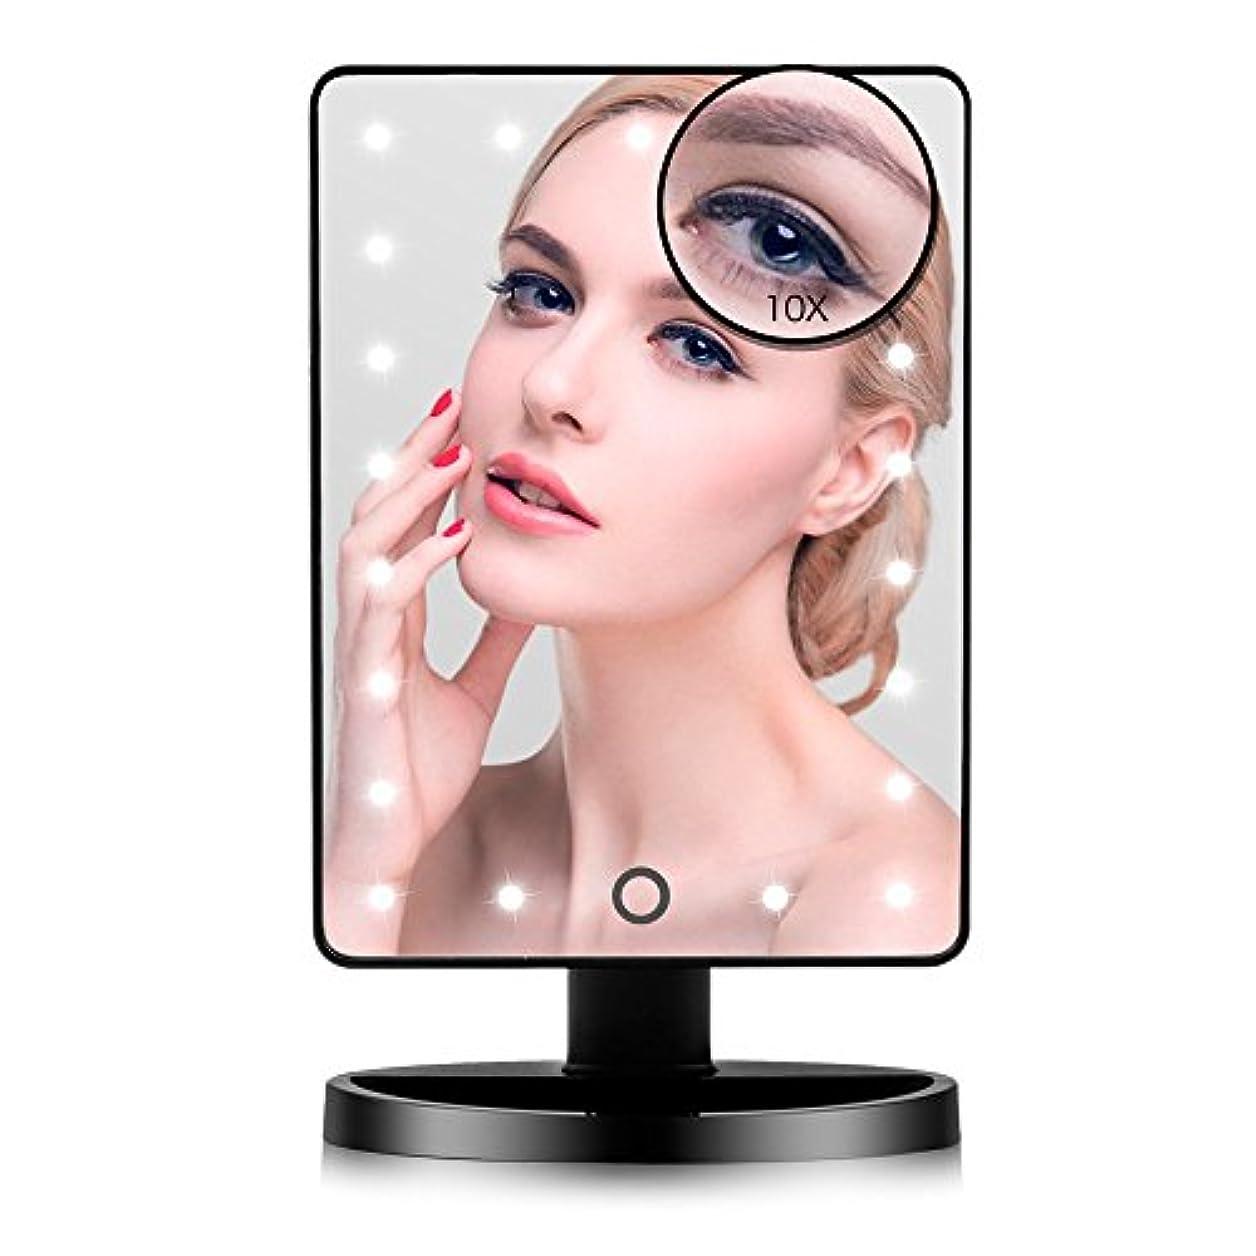 プーノやめる起こる化粧鏡 卓上鏡 化粧ミラー 鏡 女優ミラー 卓上 21 led 拡大鏡 10倍 明るさ調節可能 180°回転 電池給電(Black)